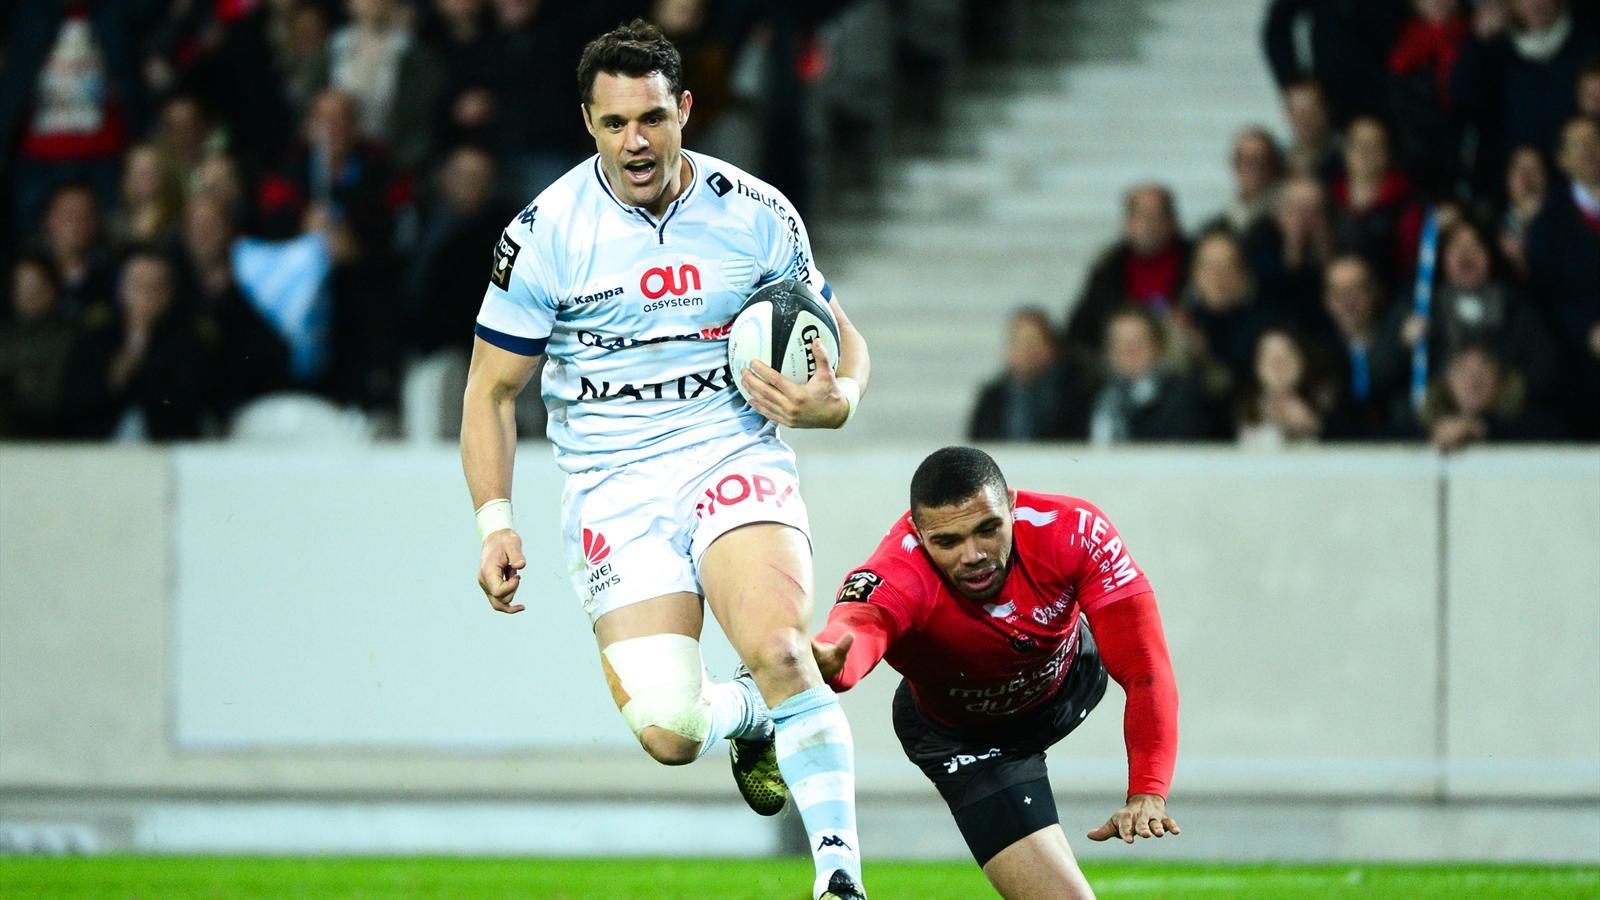 Dan Carter face à Toulon